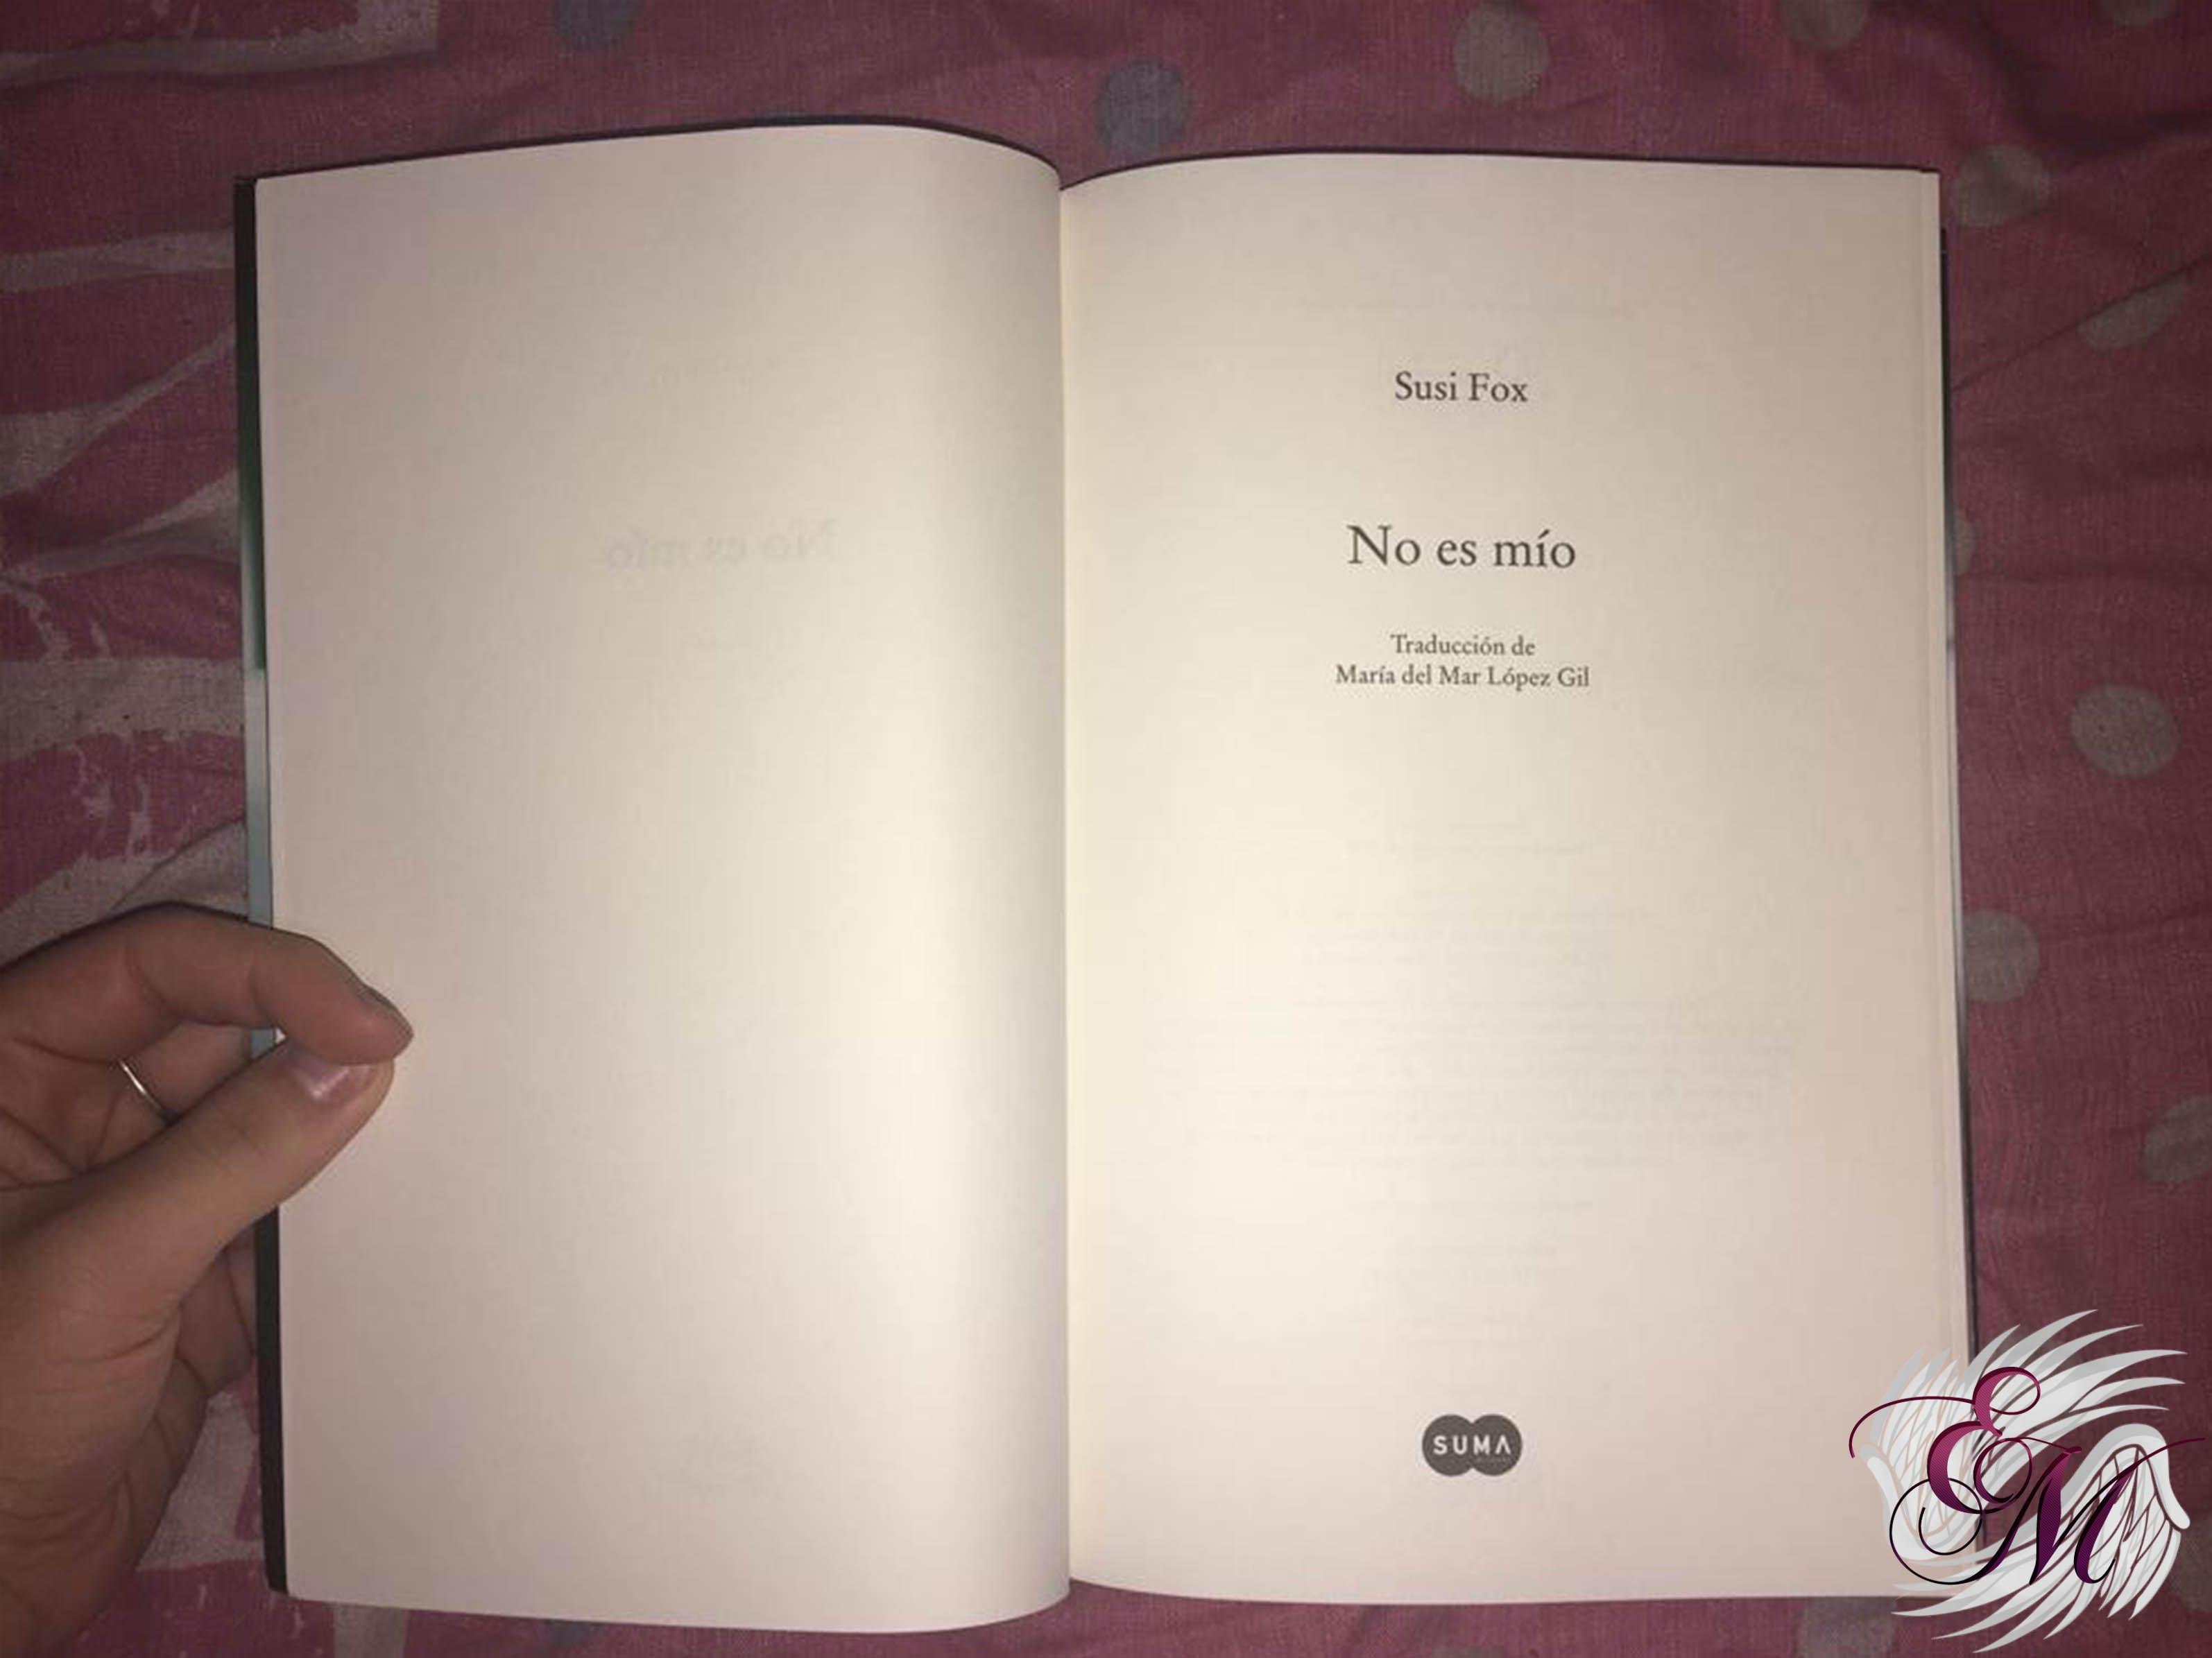 No es mío, de Susi Fox - Reseña